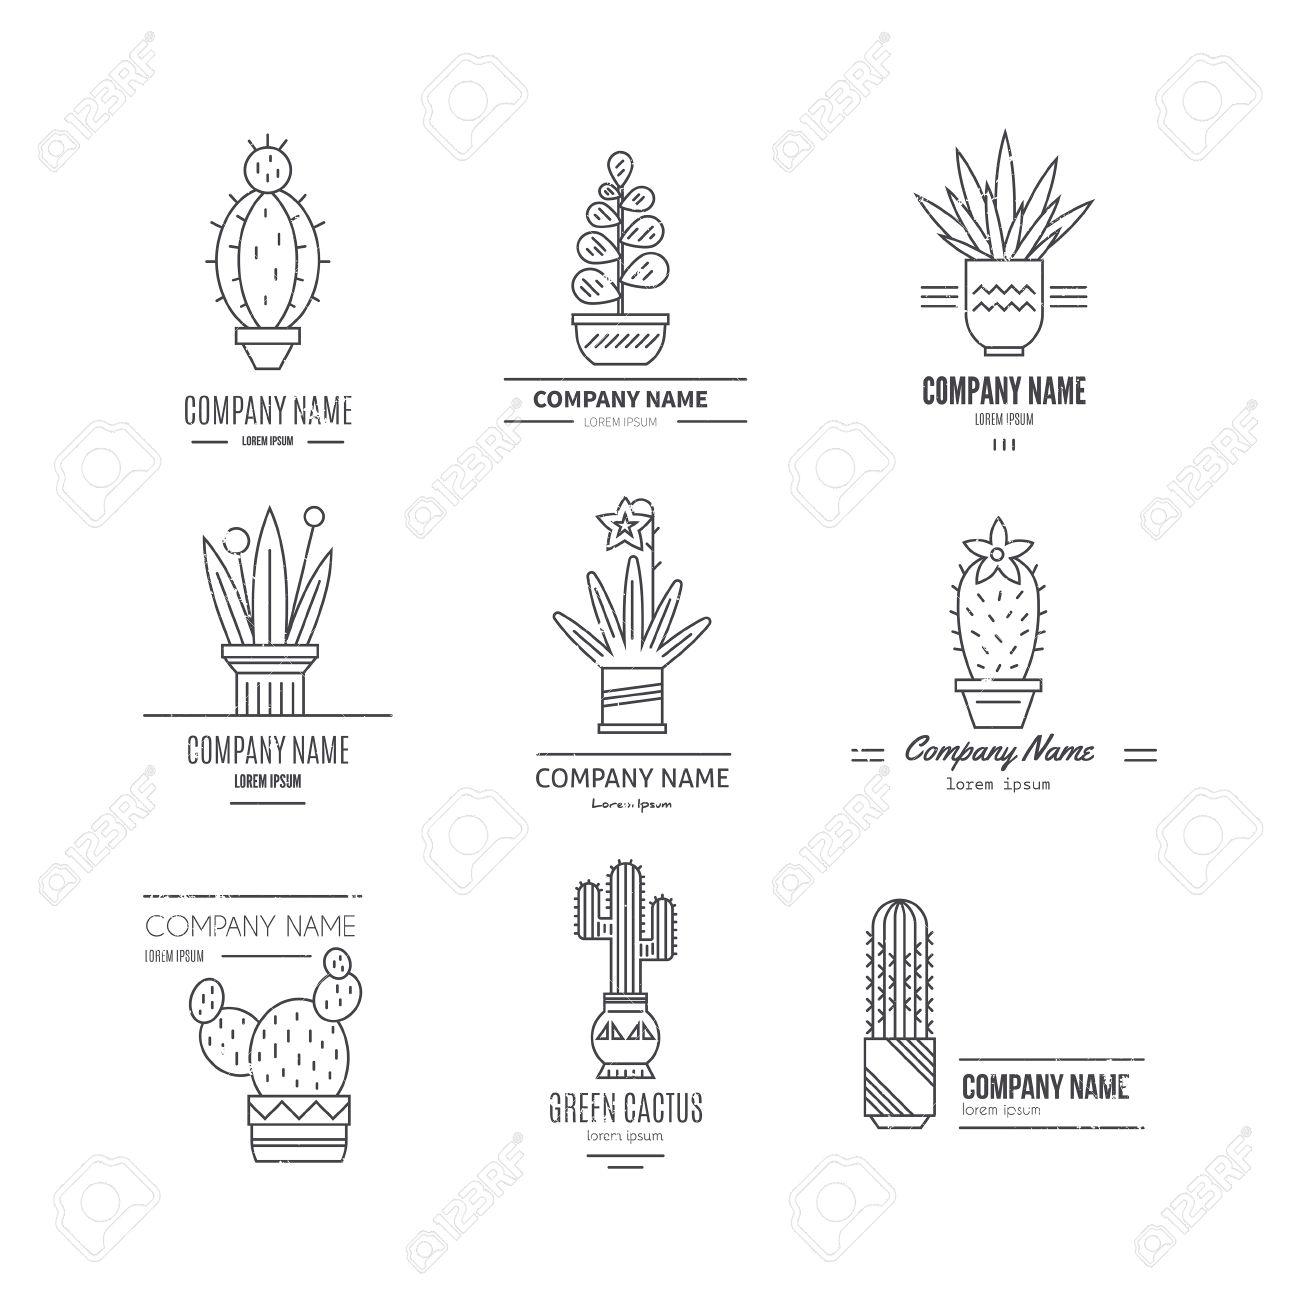 Cactus Plant Diagram - Basic Guide Wiring Diagram •